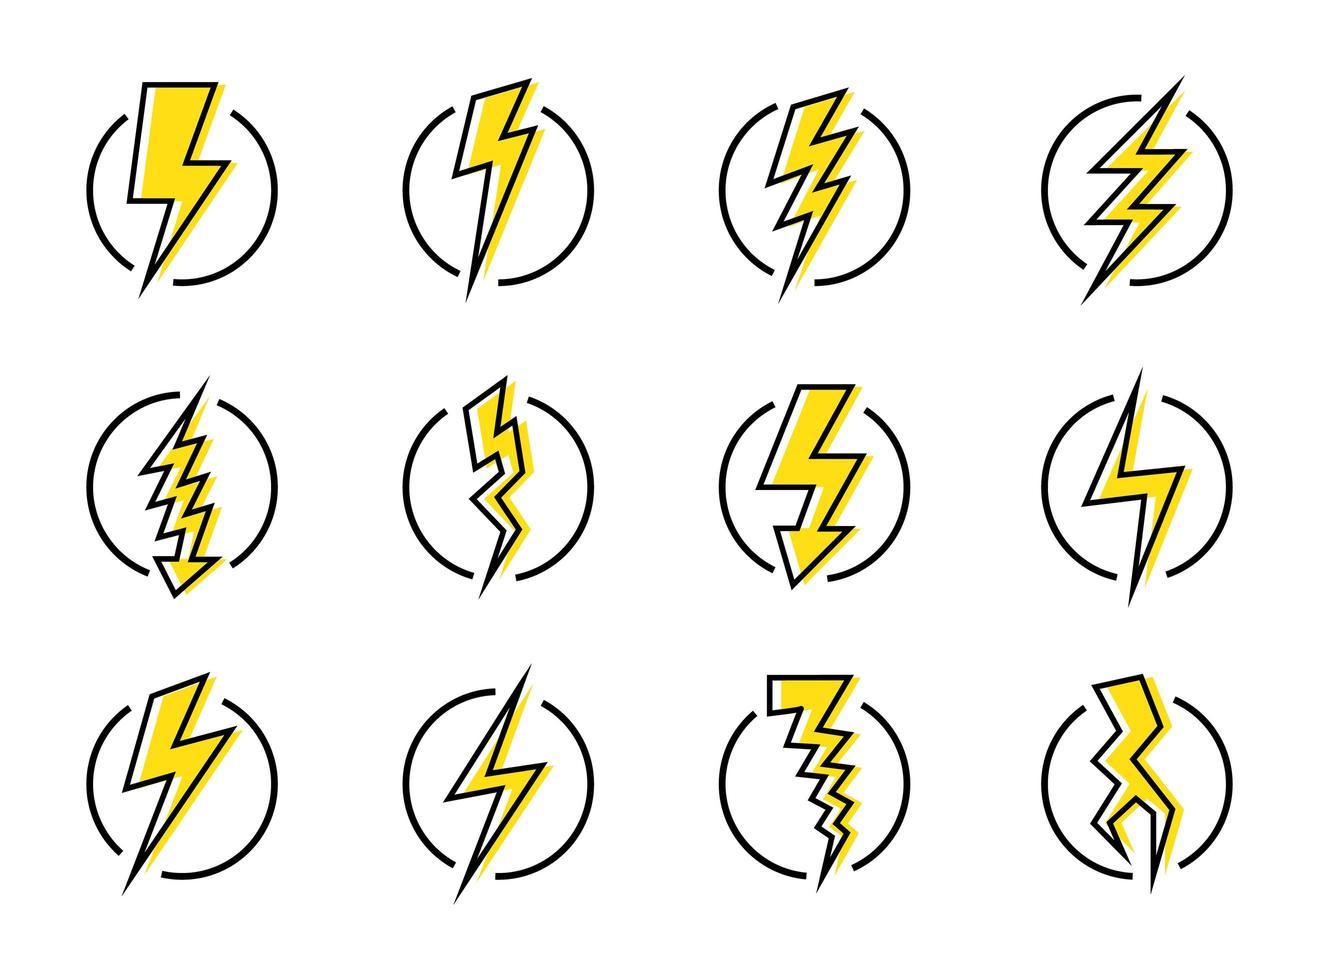 blixt och energi ikonuppsättning vektor